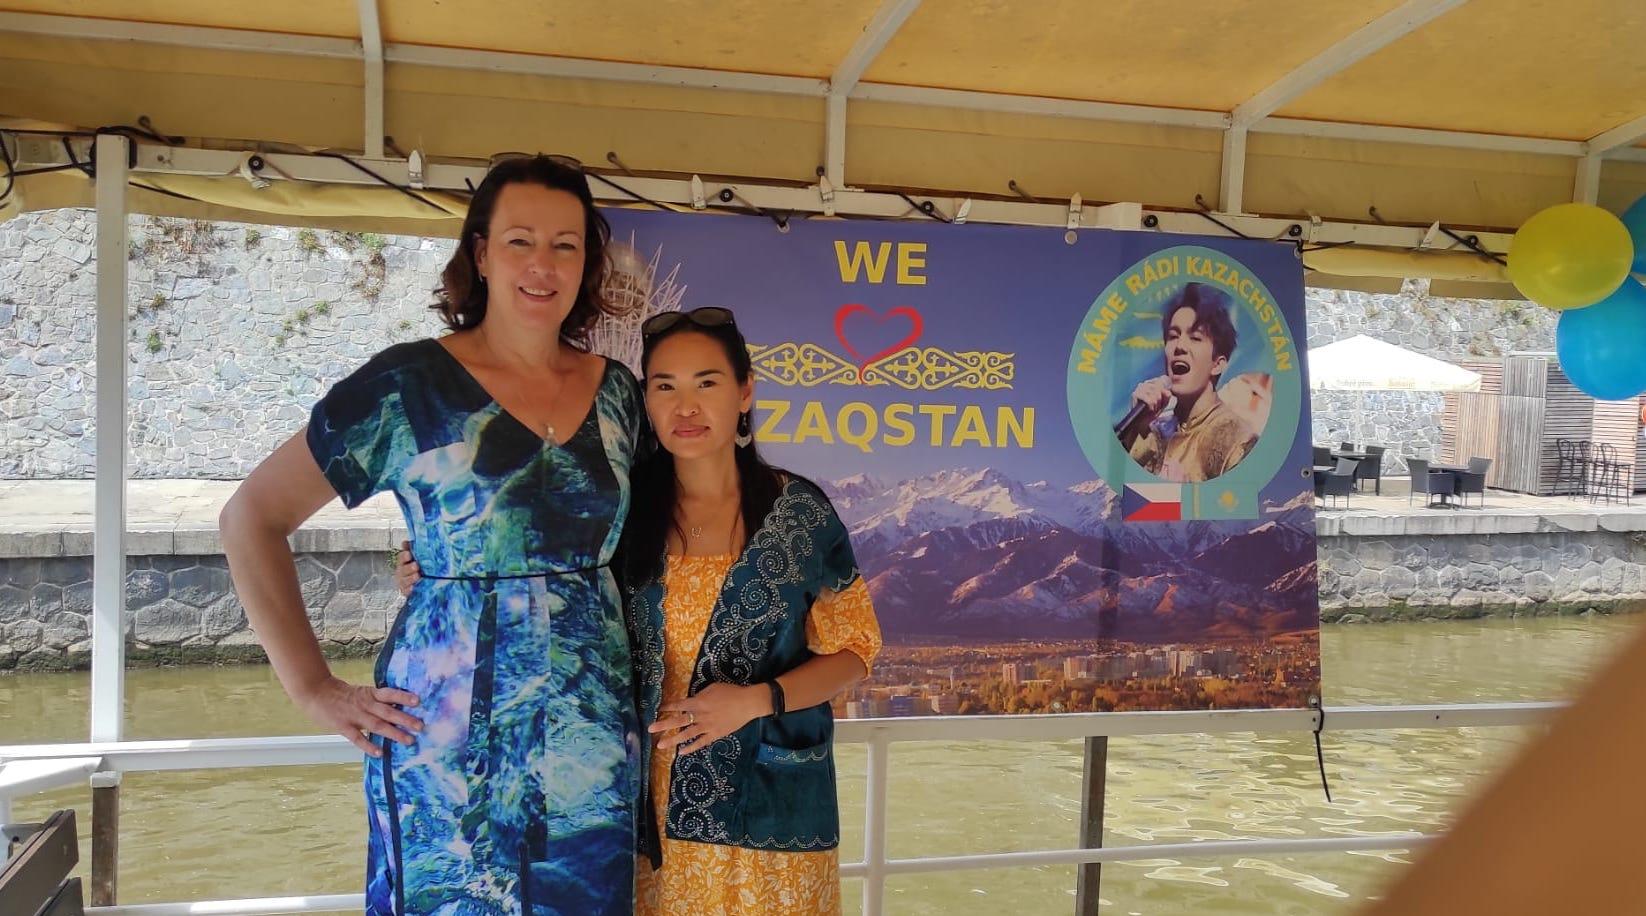 Ива фан-клуб Чехия Прага 30 лет независимости Казахстан